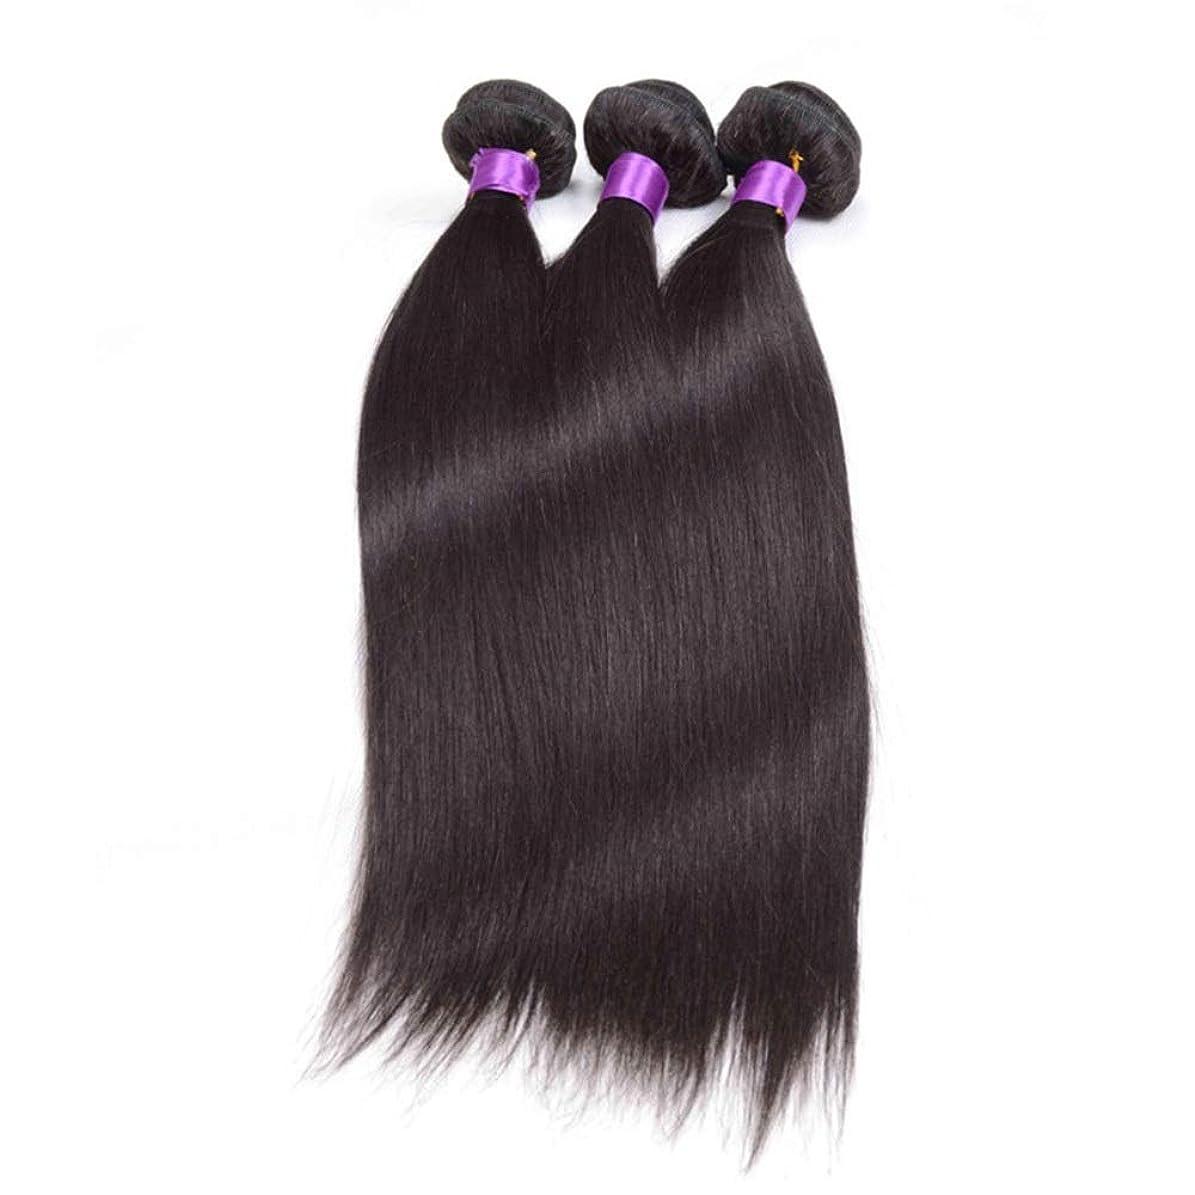 電気機密書くHOHYLLYA ブラジルのストレート人間の髪の毛の束シルキーストレート100%人毛の織り方エクステンションナチュラルブラック複合ヘアレースかつらロールプレイングかつら (色 : 黒, サイズ : 14 inch)